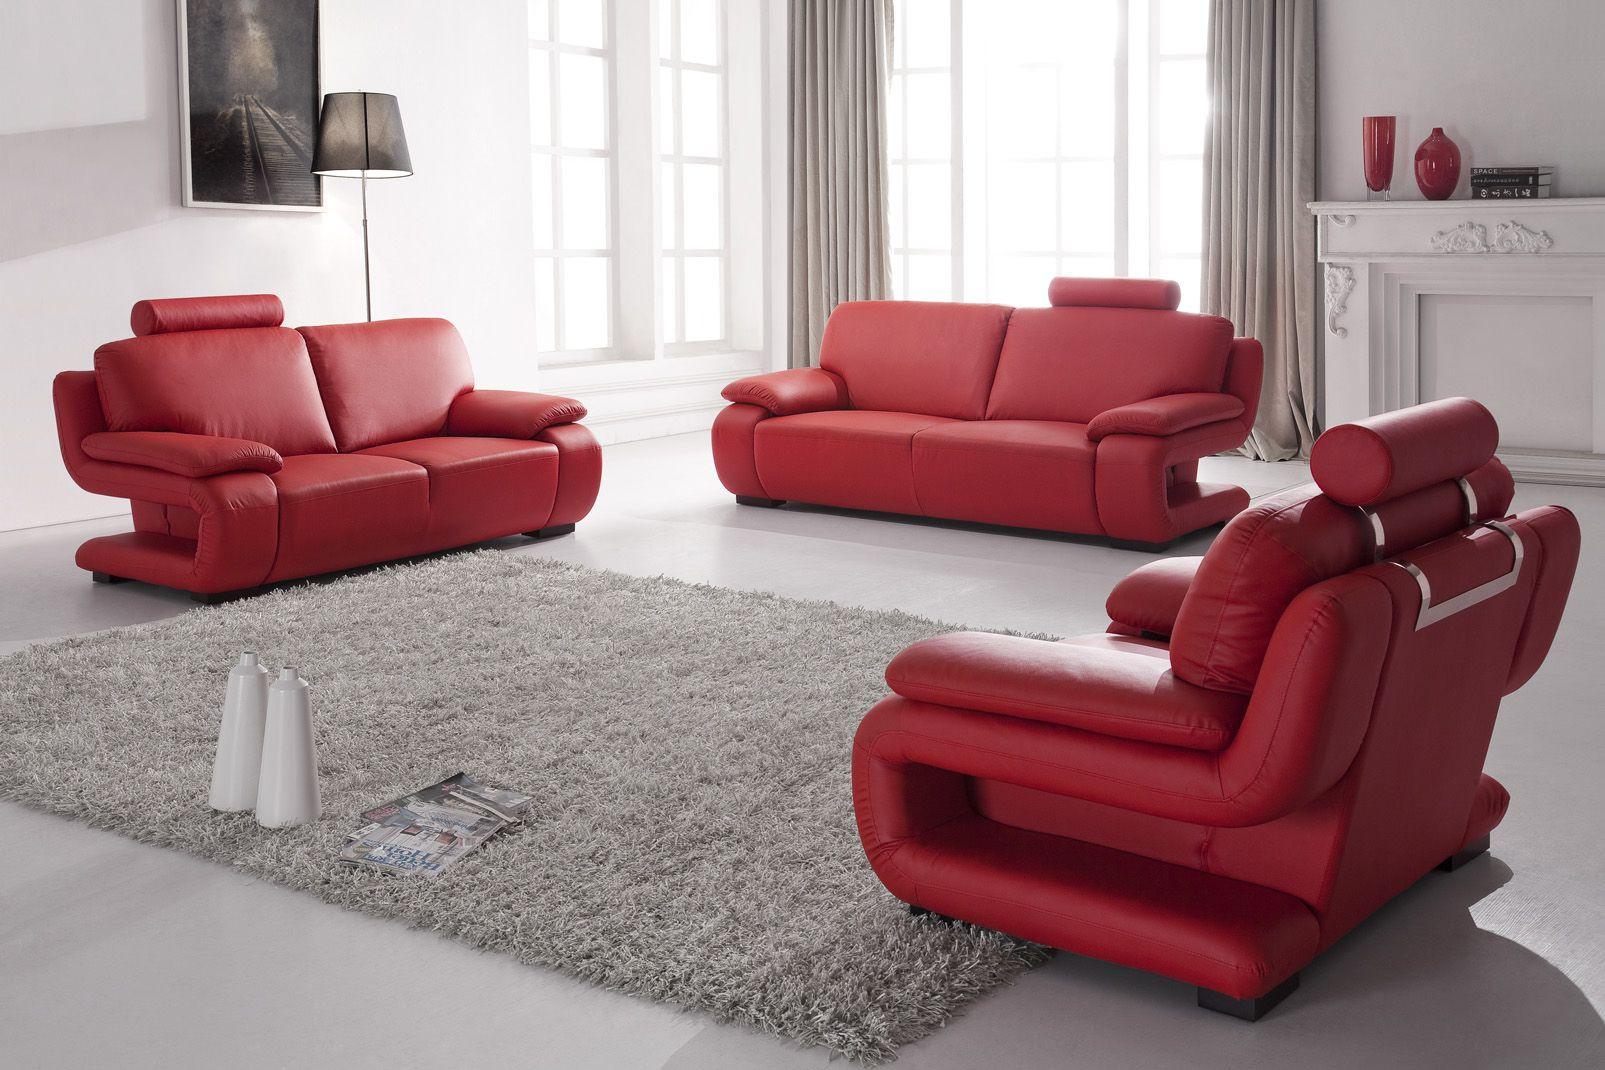 Full Size of Sofa 3 2 1 Sitzer Couchgarnitur Rot Mit Federkern 5172 Mapo Mbel Bett 220 X Günstige Betten 180x200 Schlaffunktion U Form Ligne Roset Hussen Kaufen 140x200 Sofa Sofa 3 2 1 Sitzer